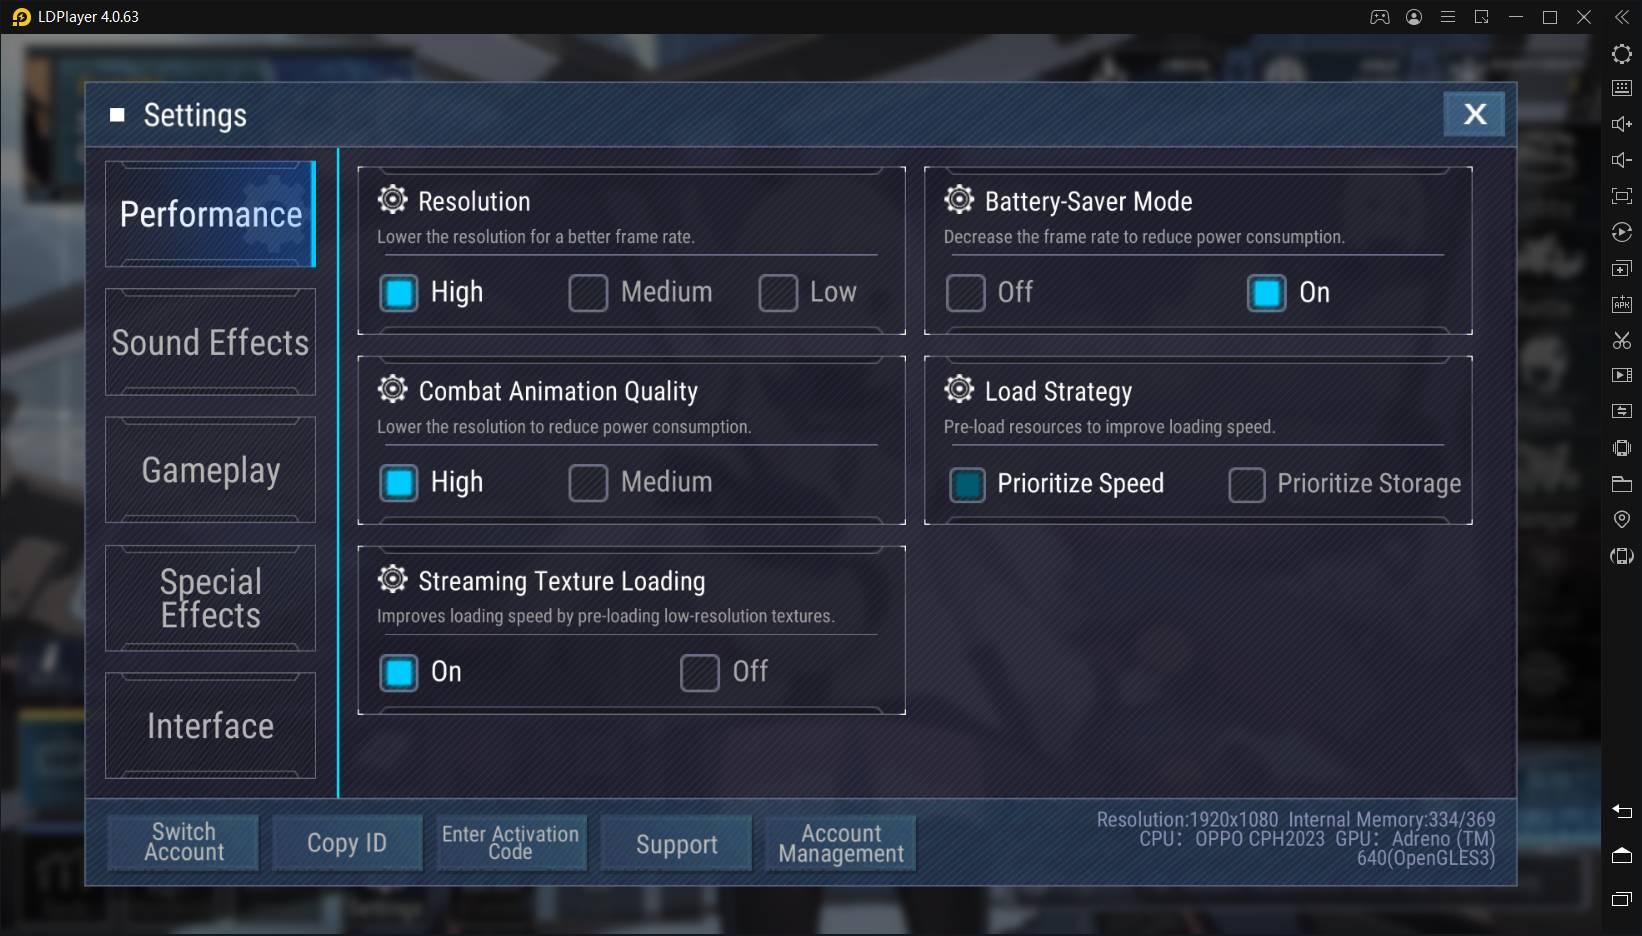 Como jogar Final Gear com 120 FPS no LDPlayer?